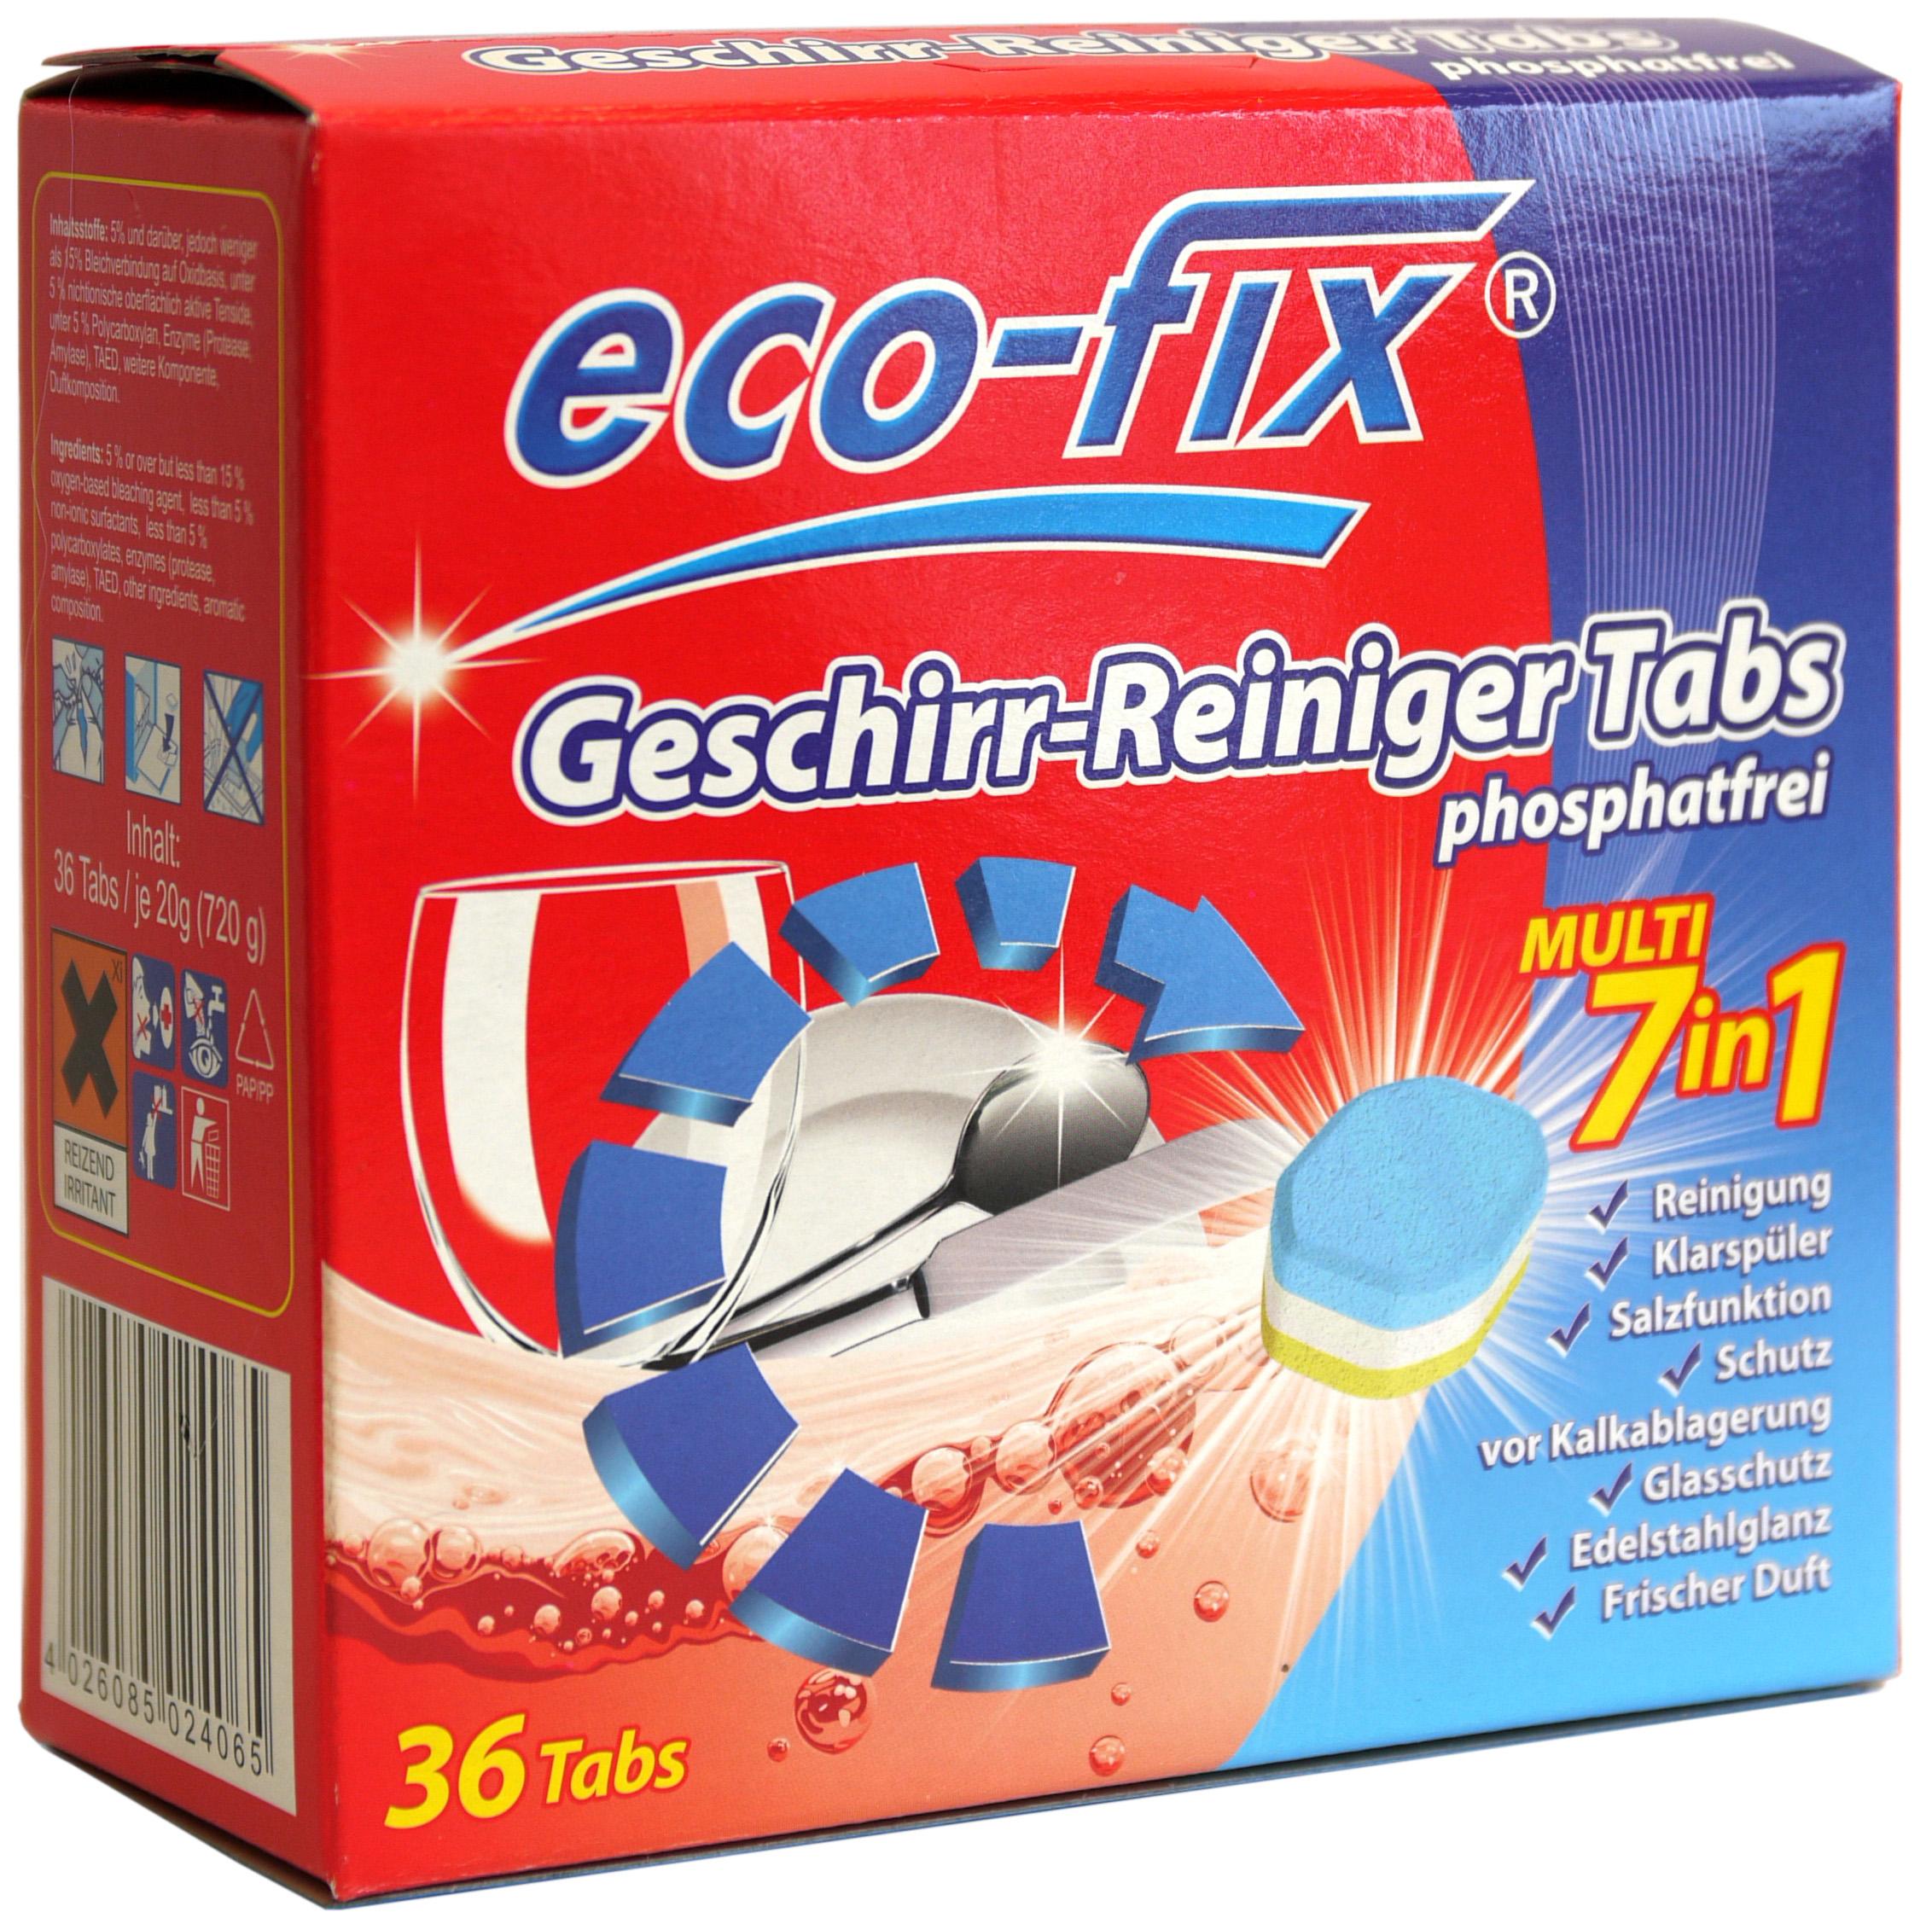 02406 - eco-fix Geschirrreiniger-Tabs 36er 7in1